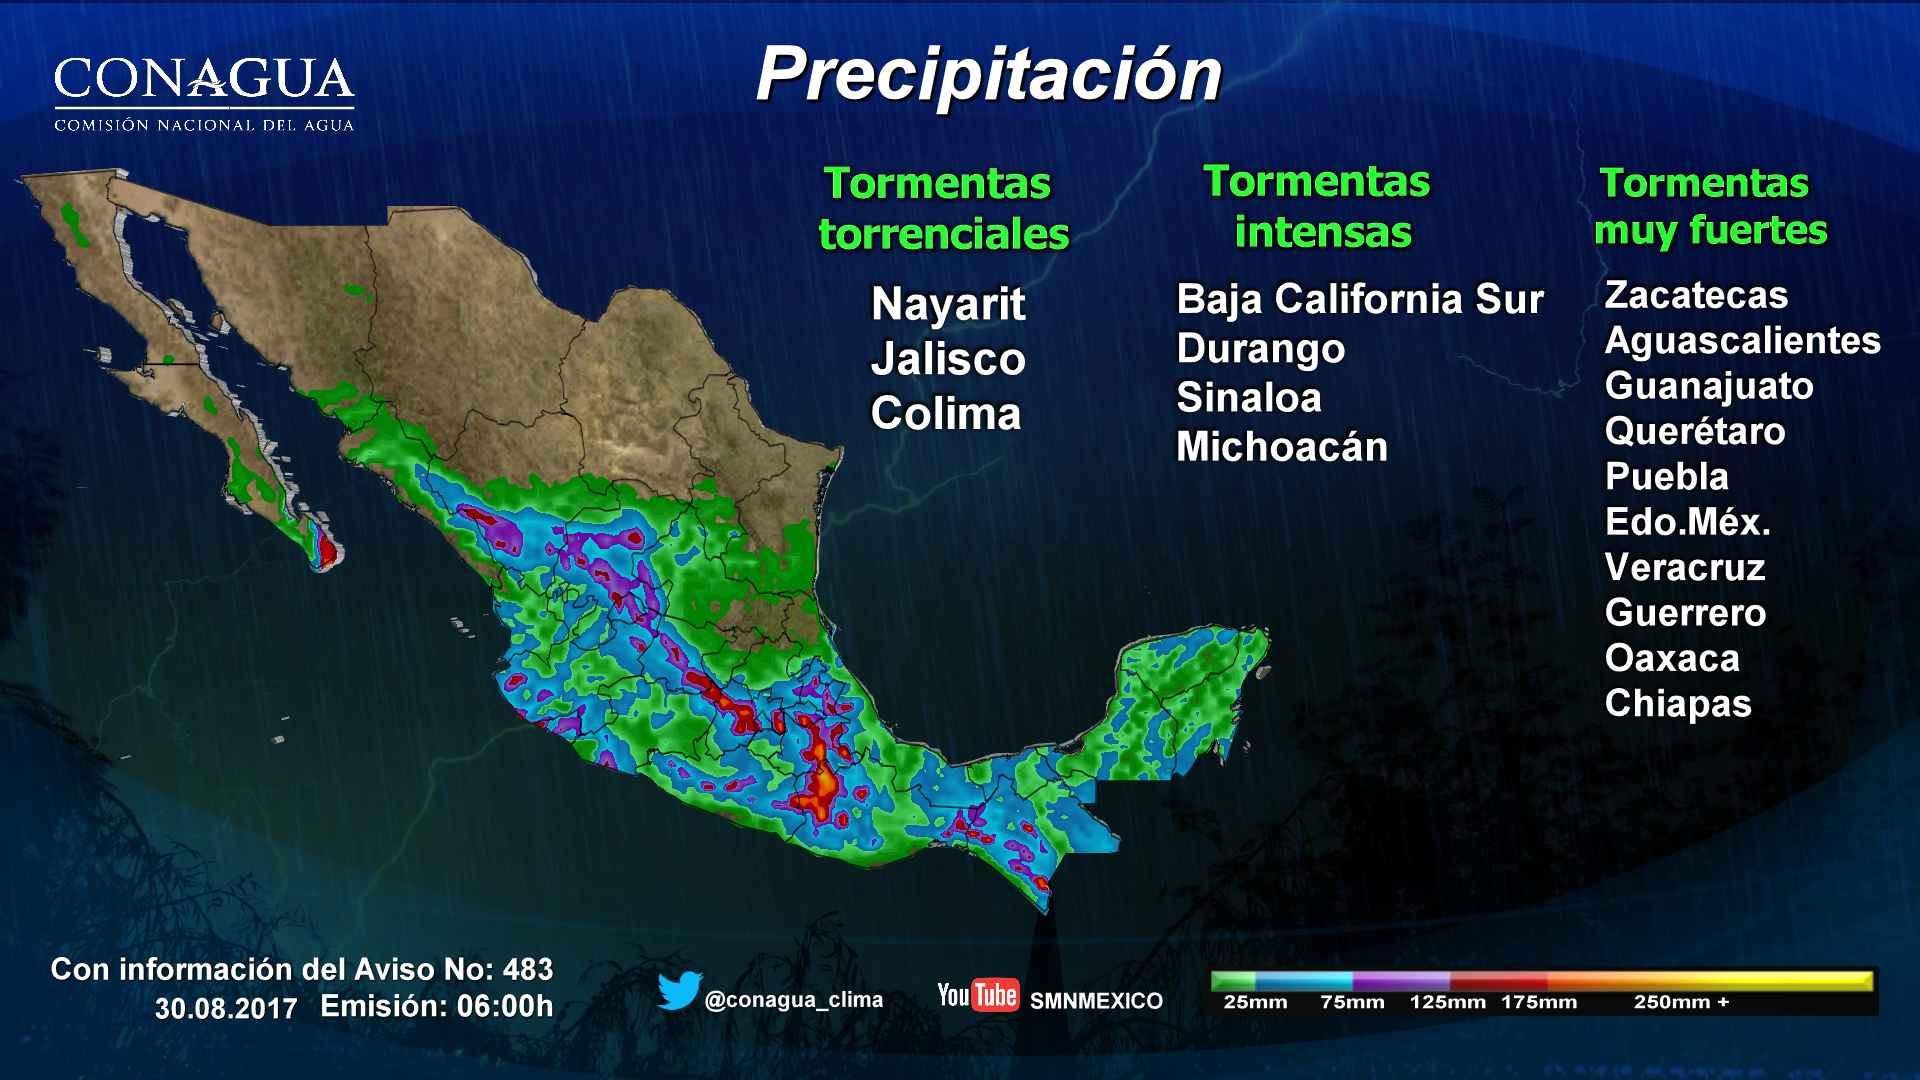 Prevalece el pronóstico de intervalos de chubascos con tormentas fuertes para Tlaxcala